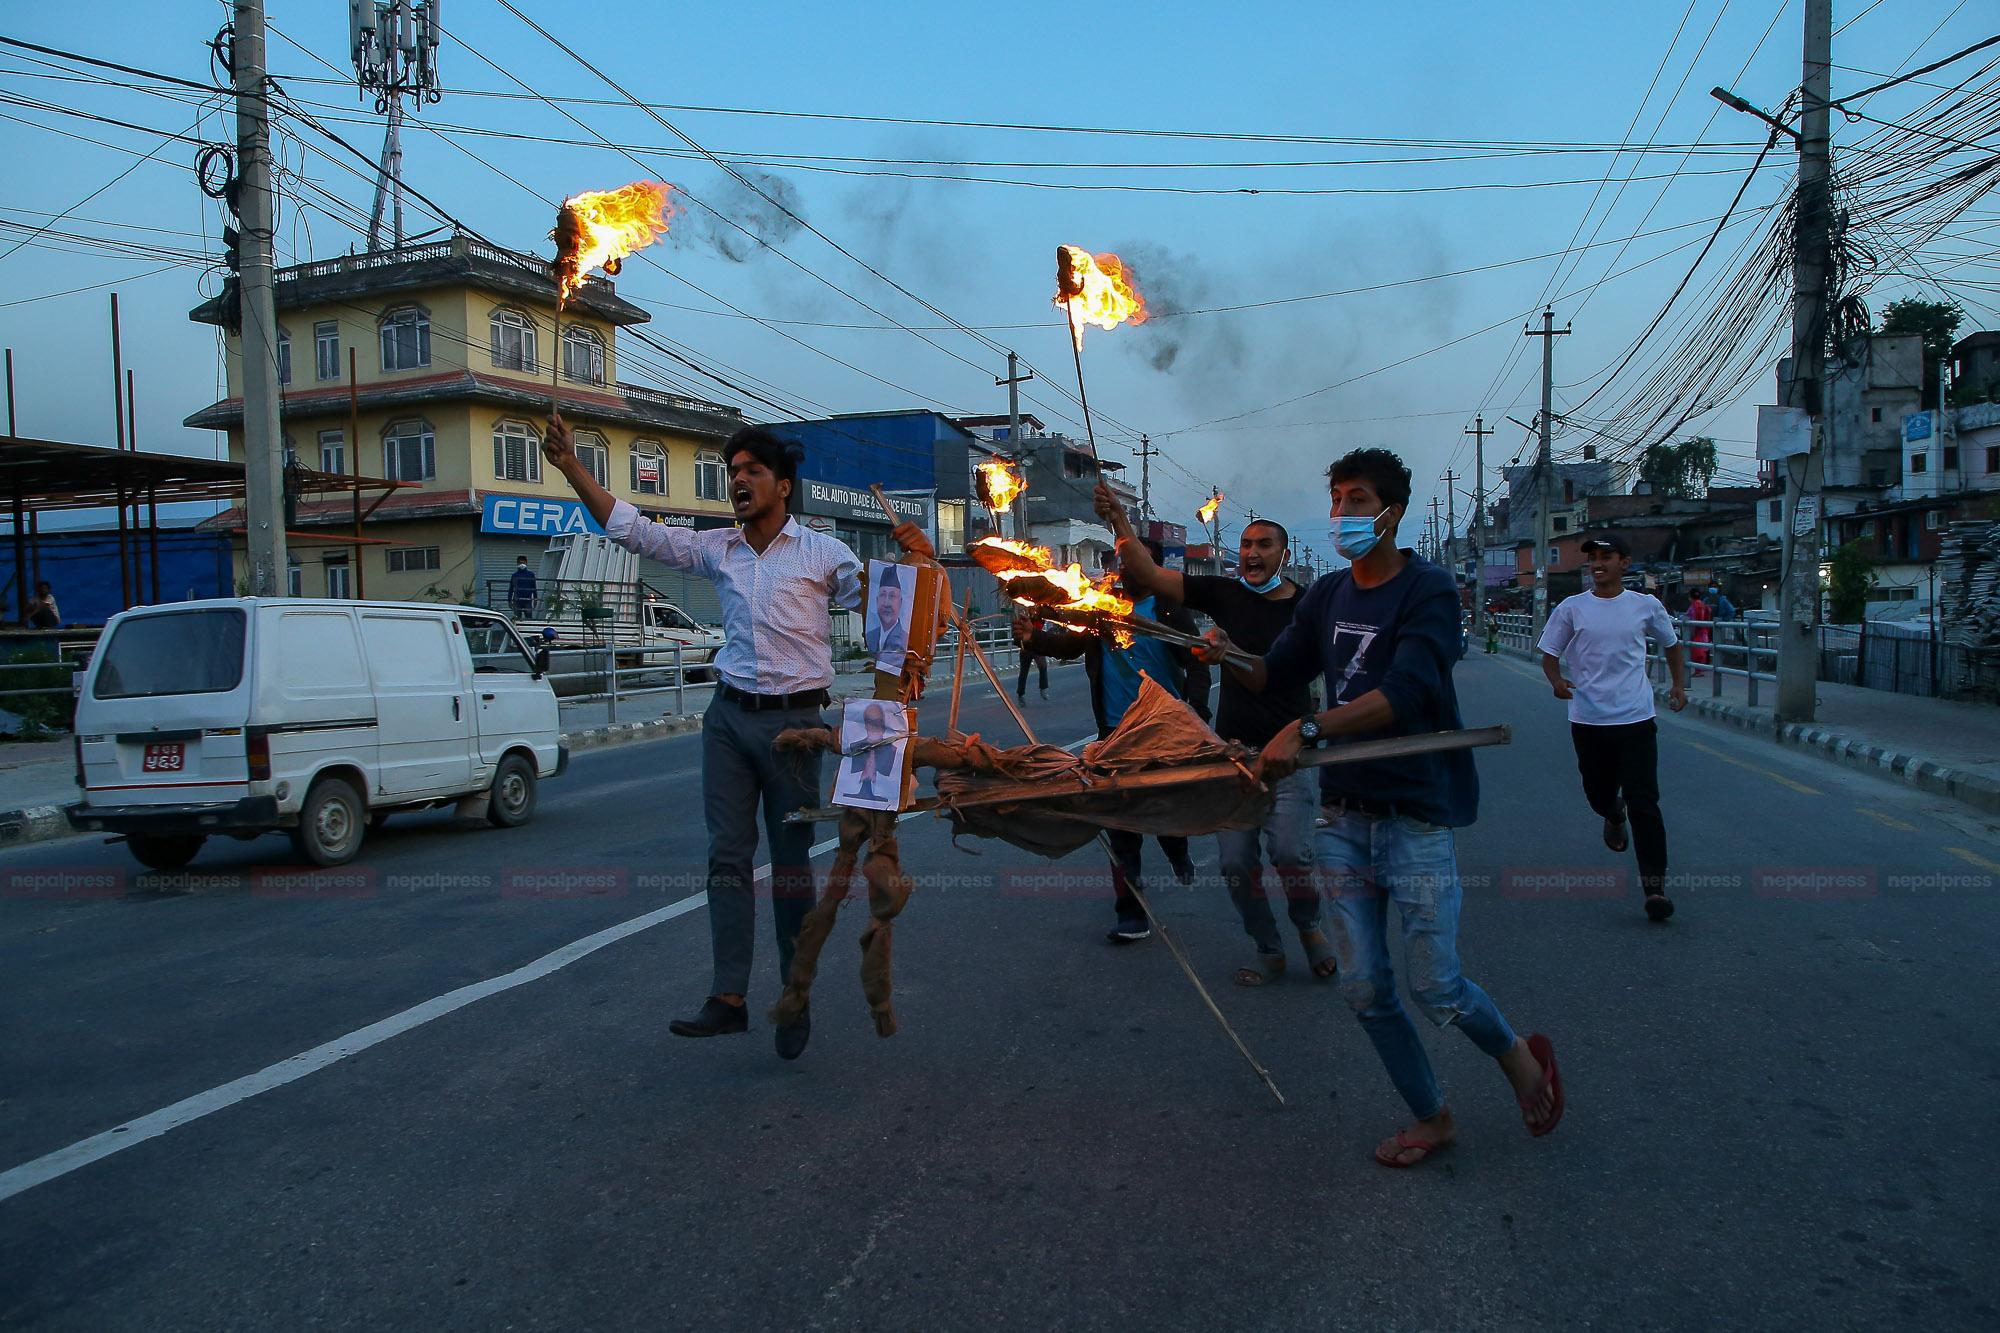 कांग्रेस र माओवादीका विद्यार्थीद्वारा प्रधानमन्त्रीको पुत्ला दहन (तस्बिरहरु)